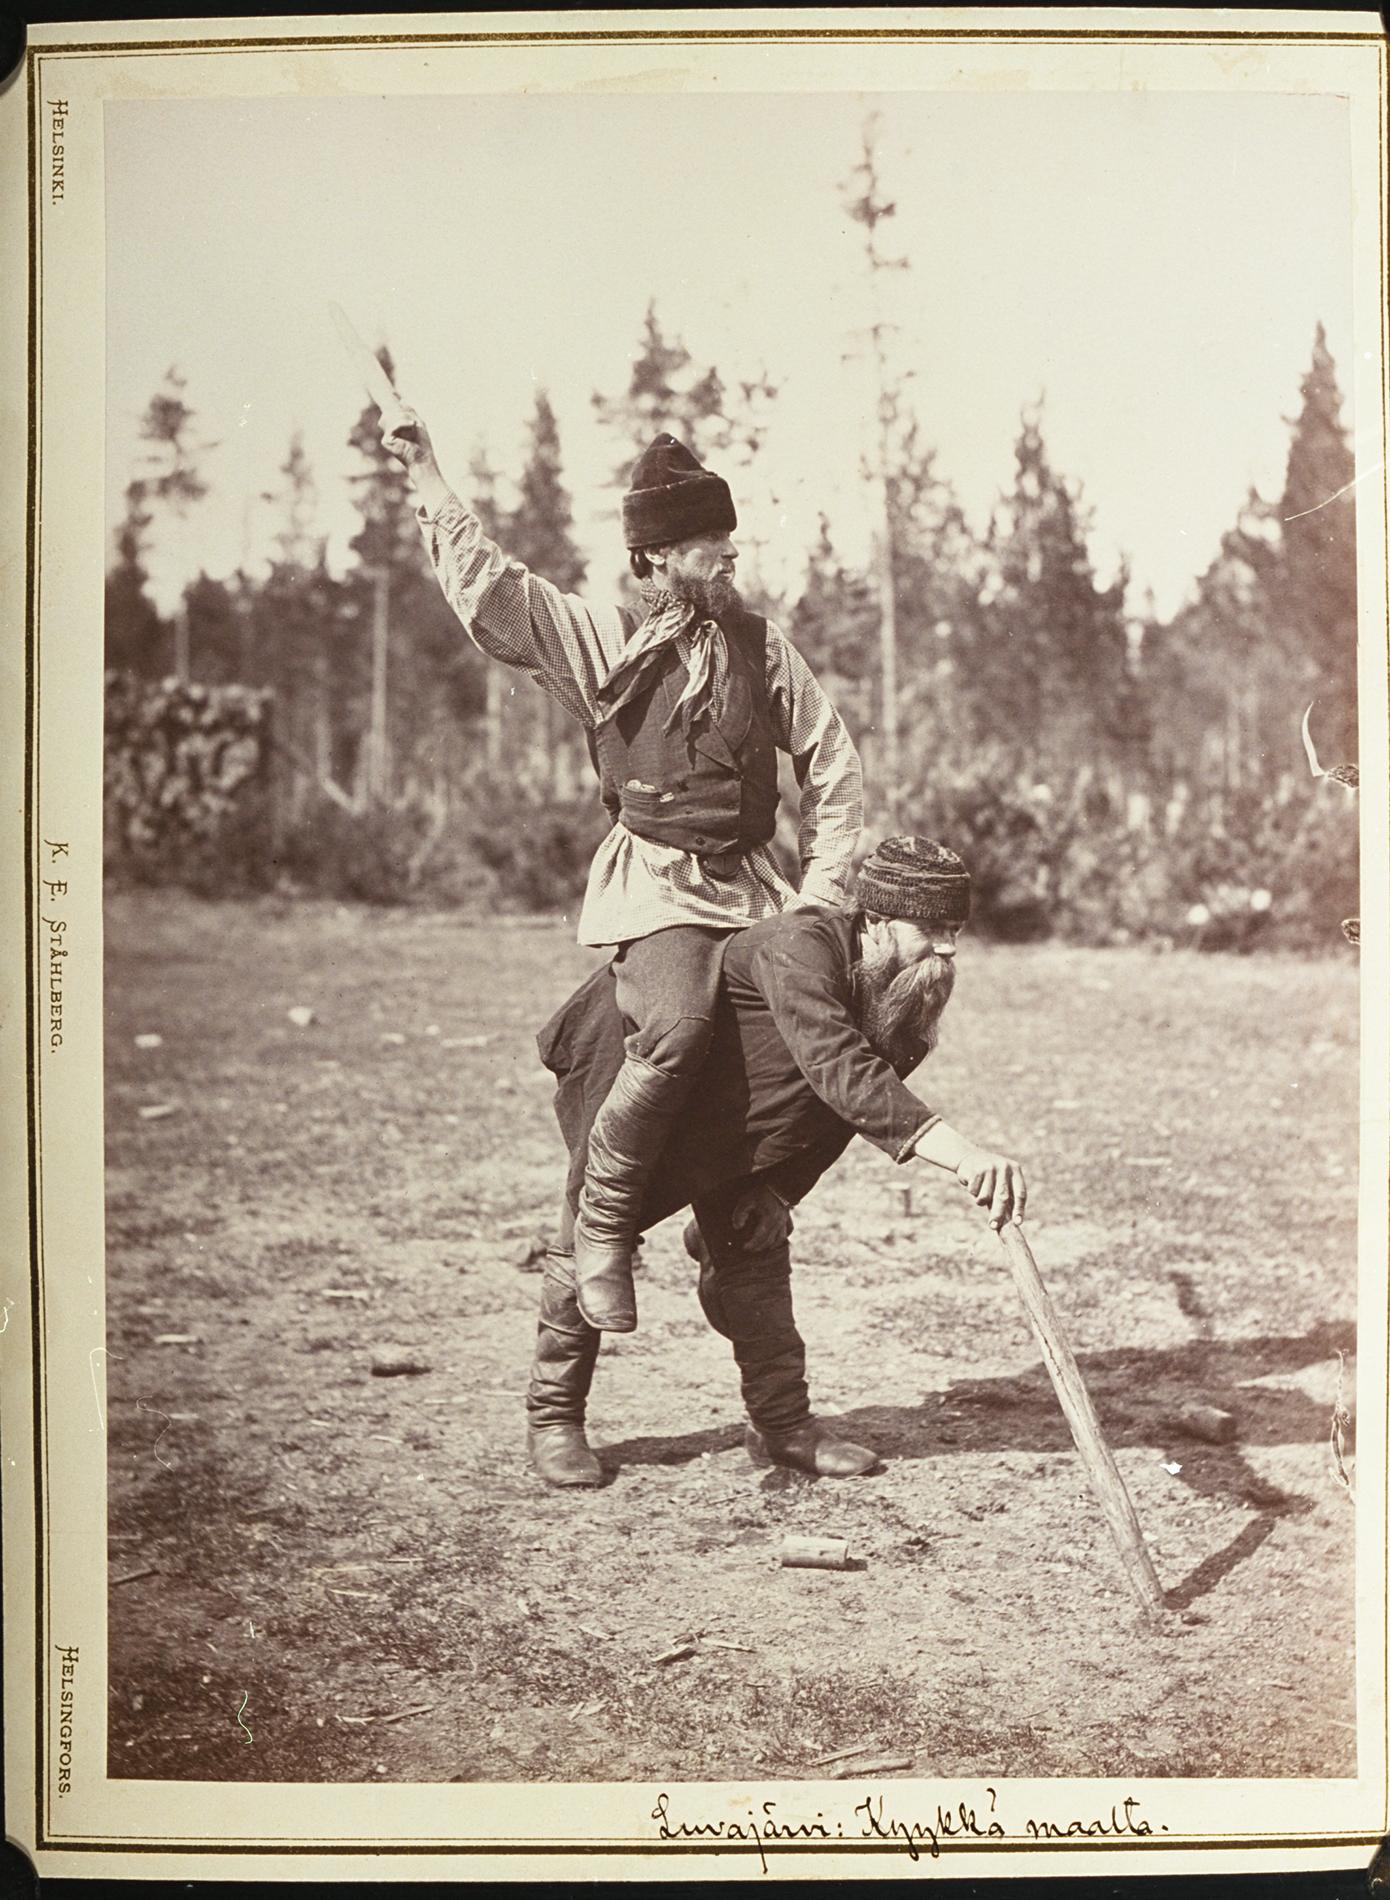 Kyykkäpeli, selästä ajo, kuvattu 1894. Kiimaisjärvi, Luvajärvi. Kuva: I.K.Inha. SKS KRA.